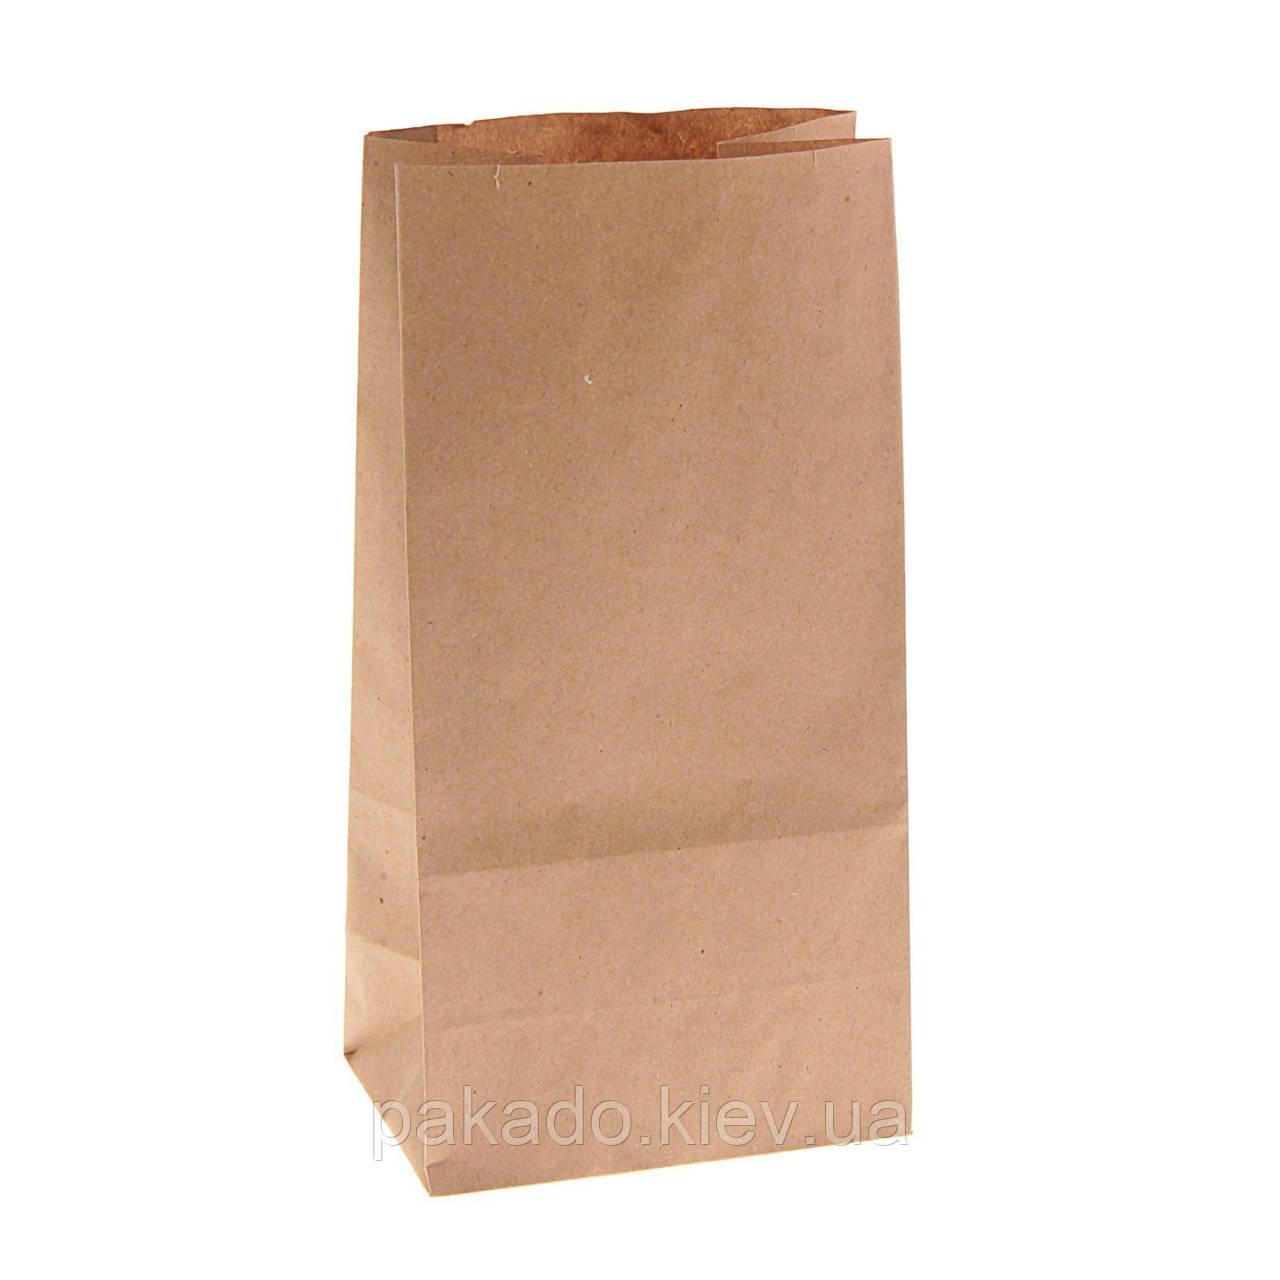 Паперовий пакет з дном 190х120х390 Бурий 80г